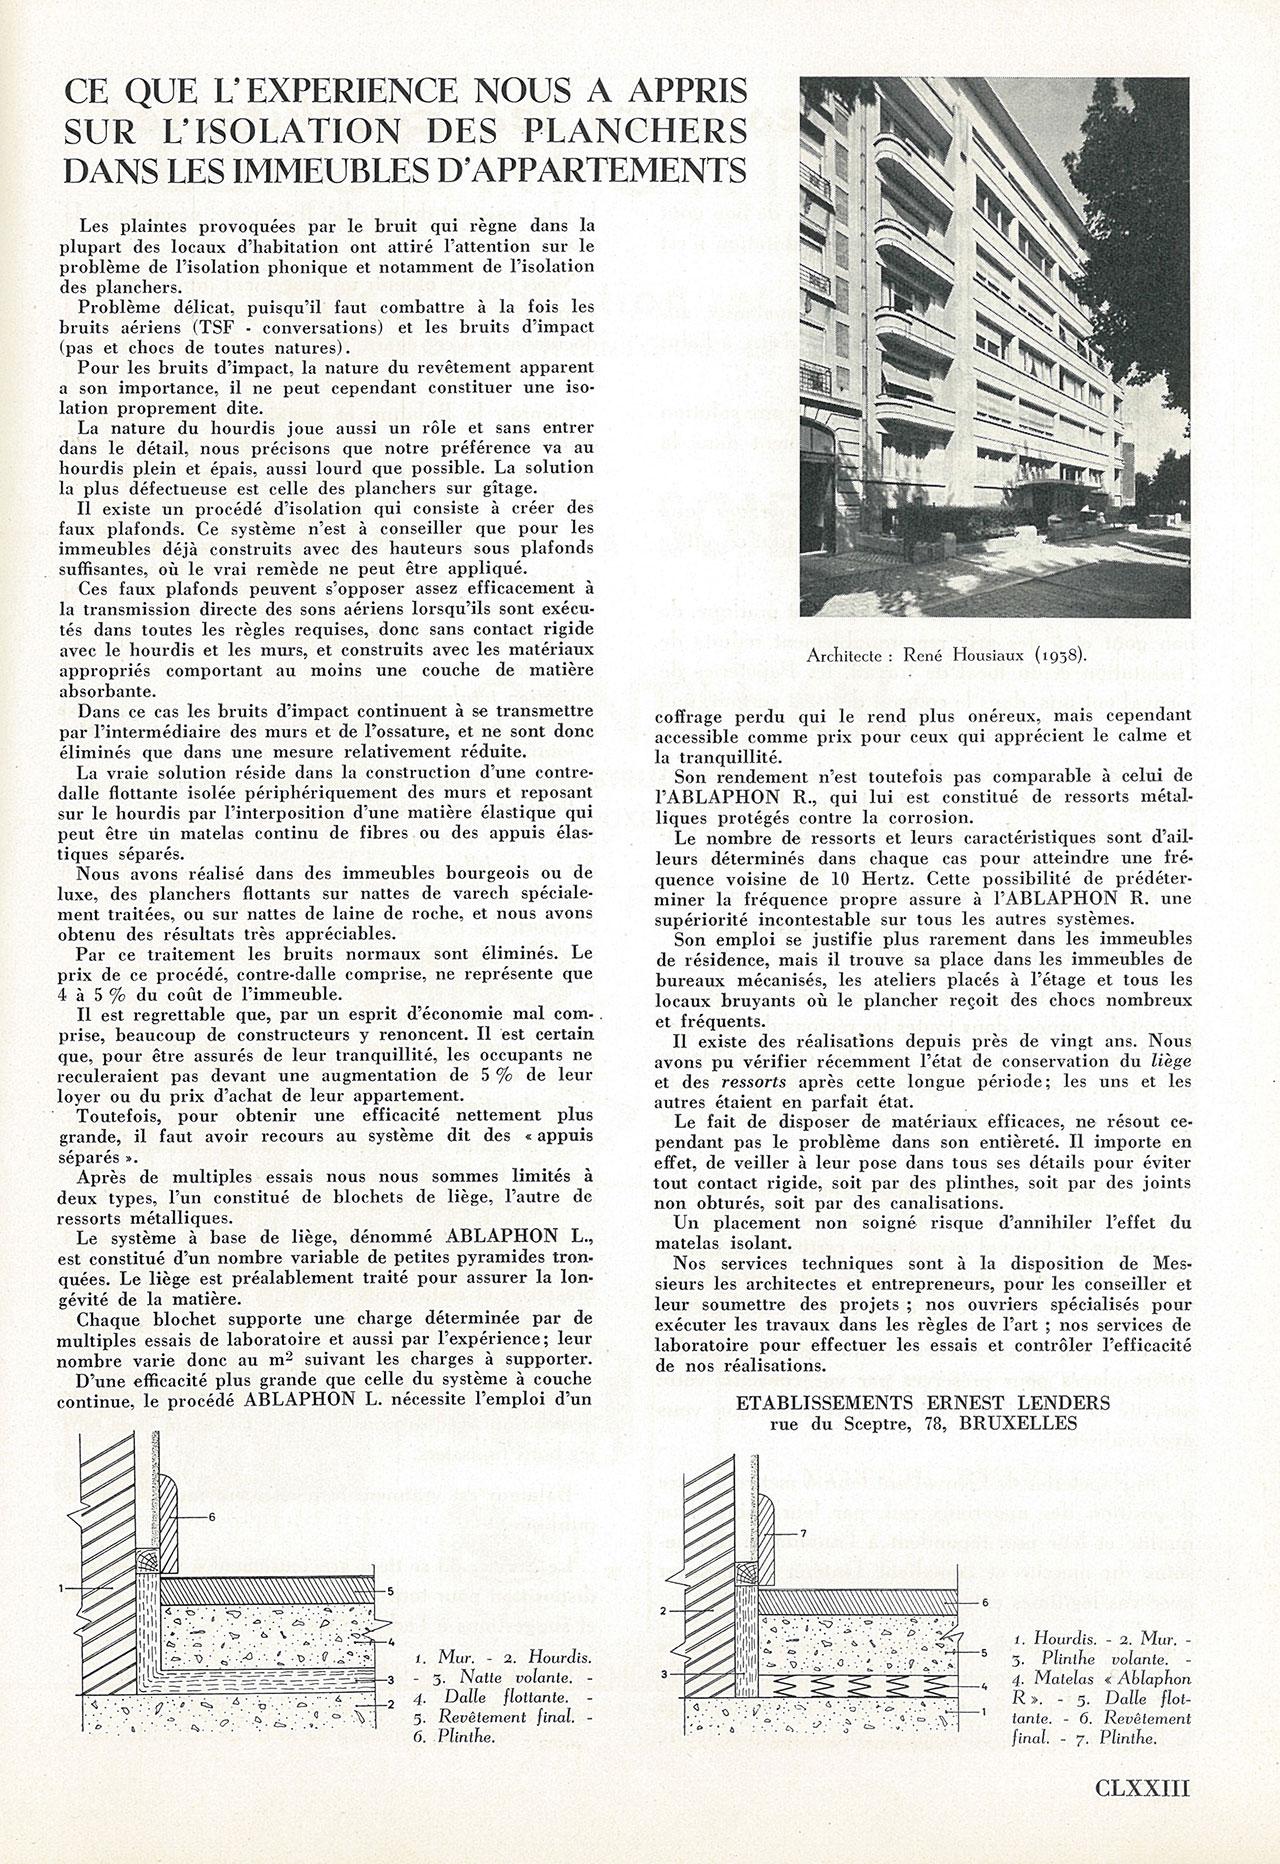 Ce que l'expérience nous a appris sur l'isolation des planchers dans les immeubles d'appartements